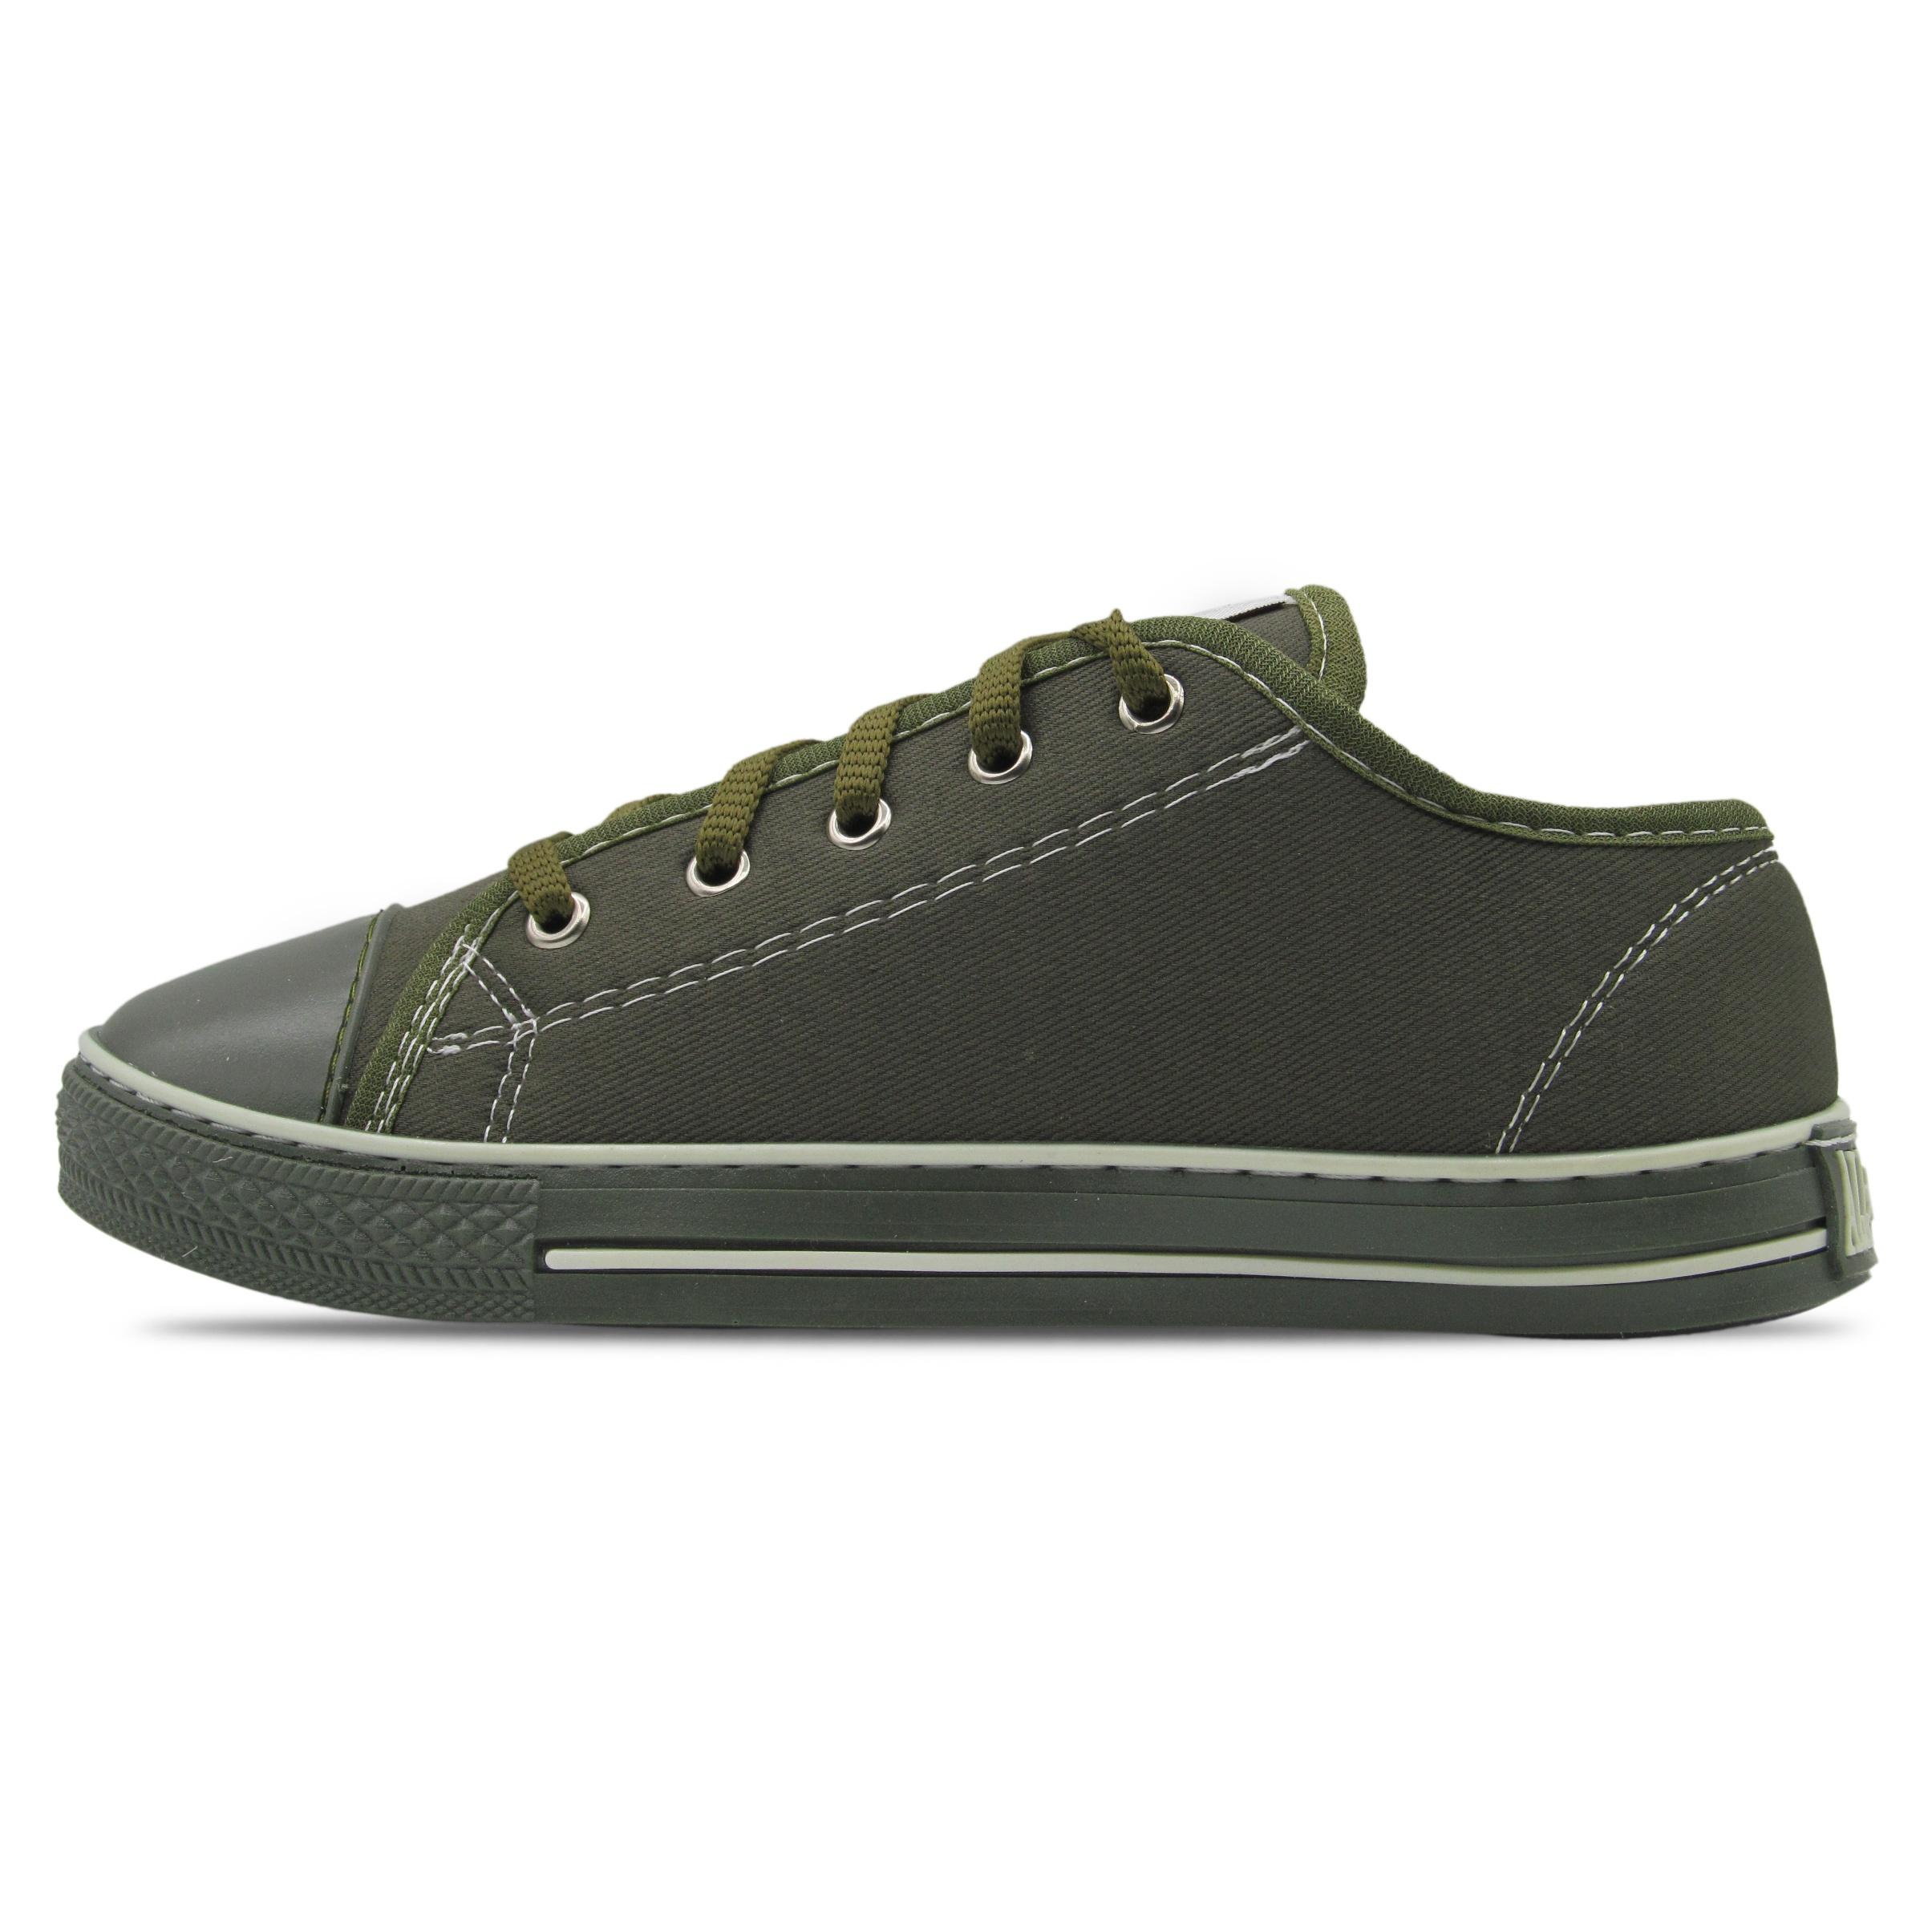 کفش راحتی زنانه مدل سیلا کد 1395